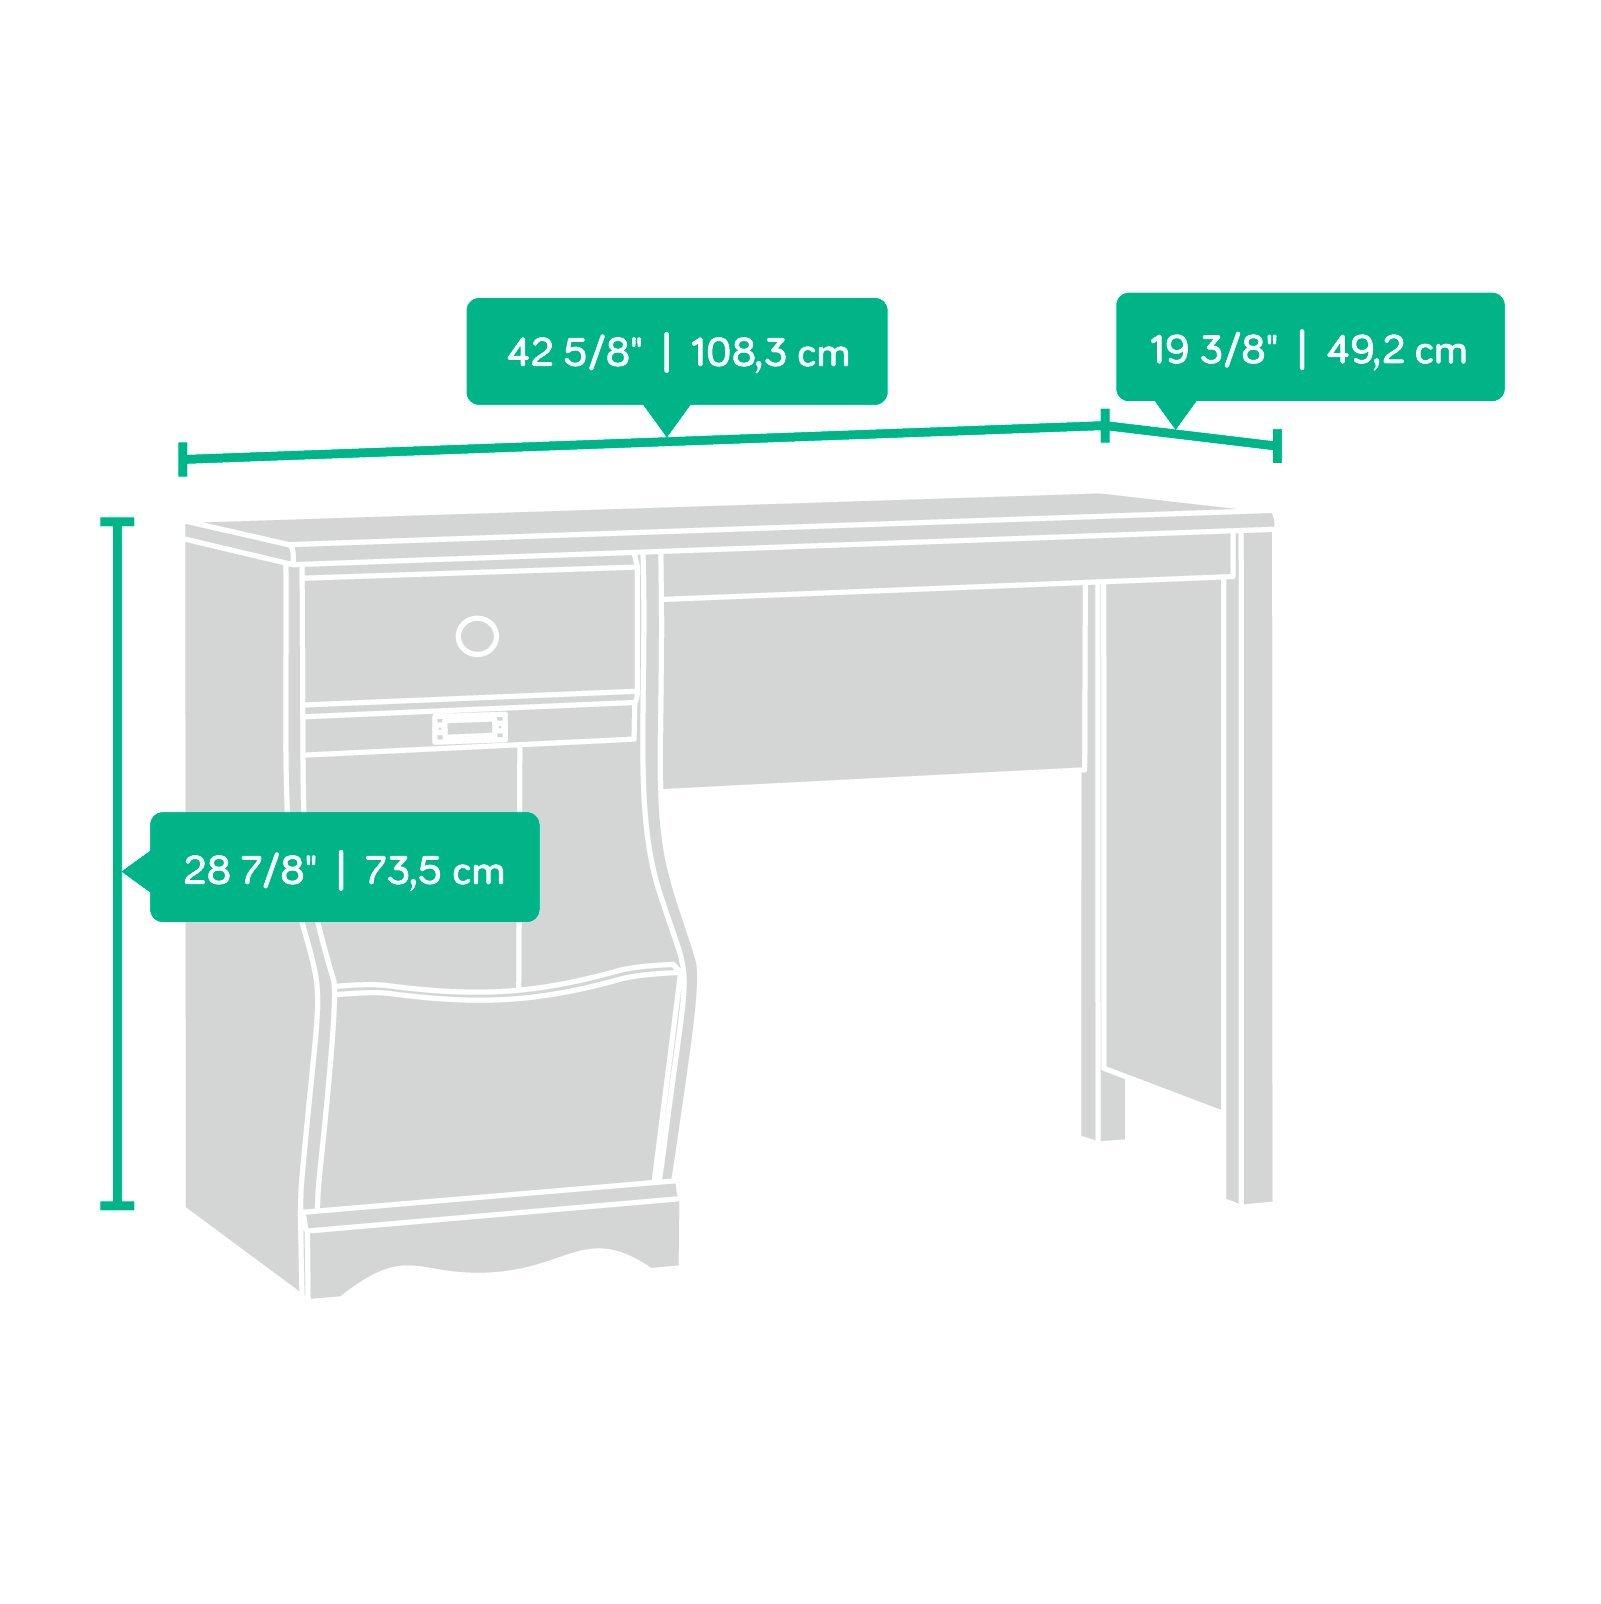 Sauder Pogo Desk for Children, Soft White Finish by Sauder (Image #4)